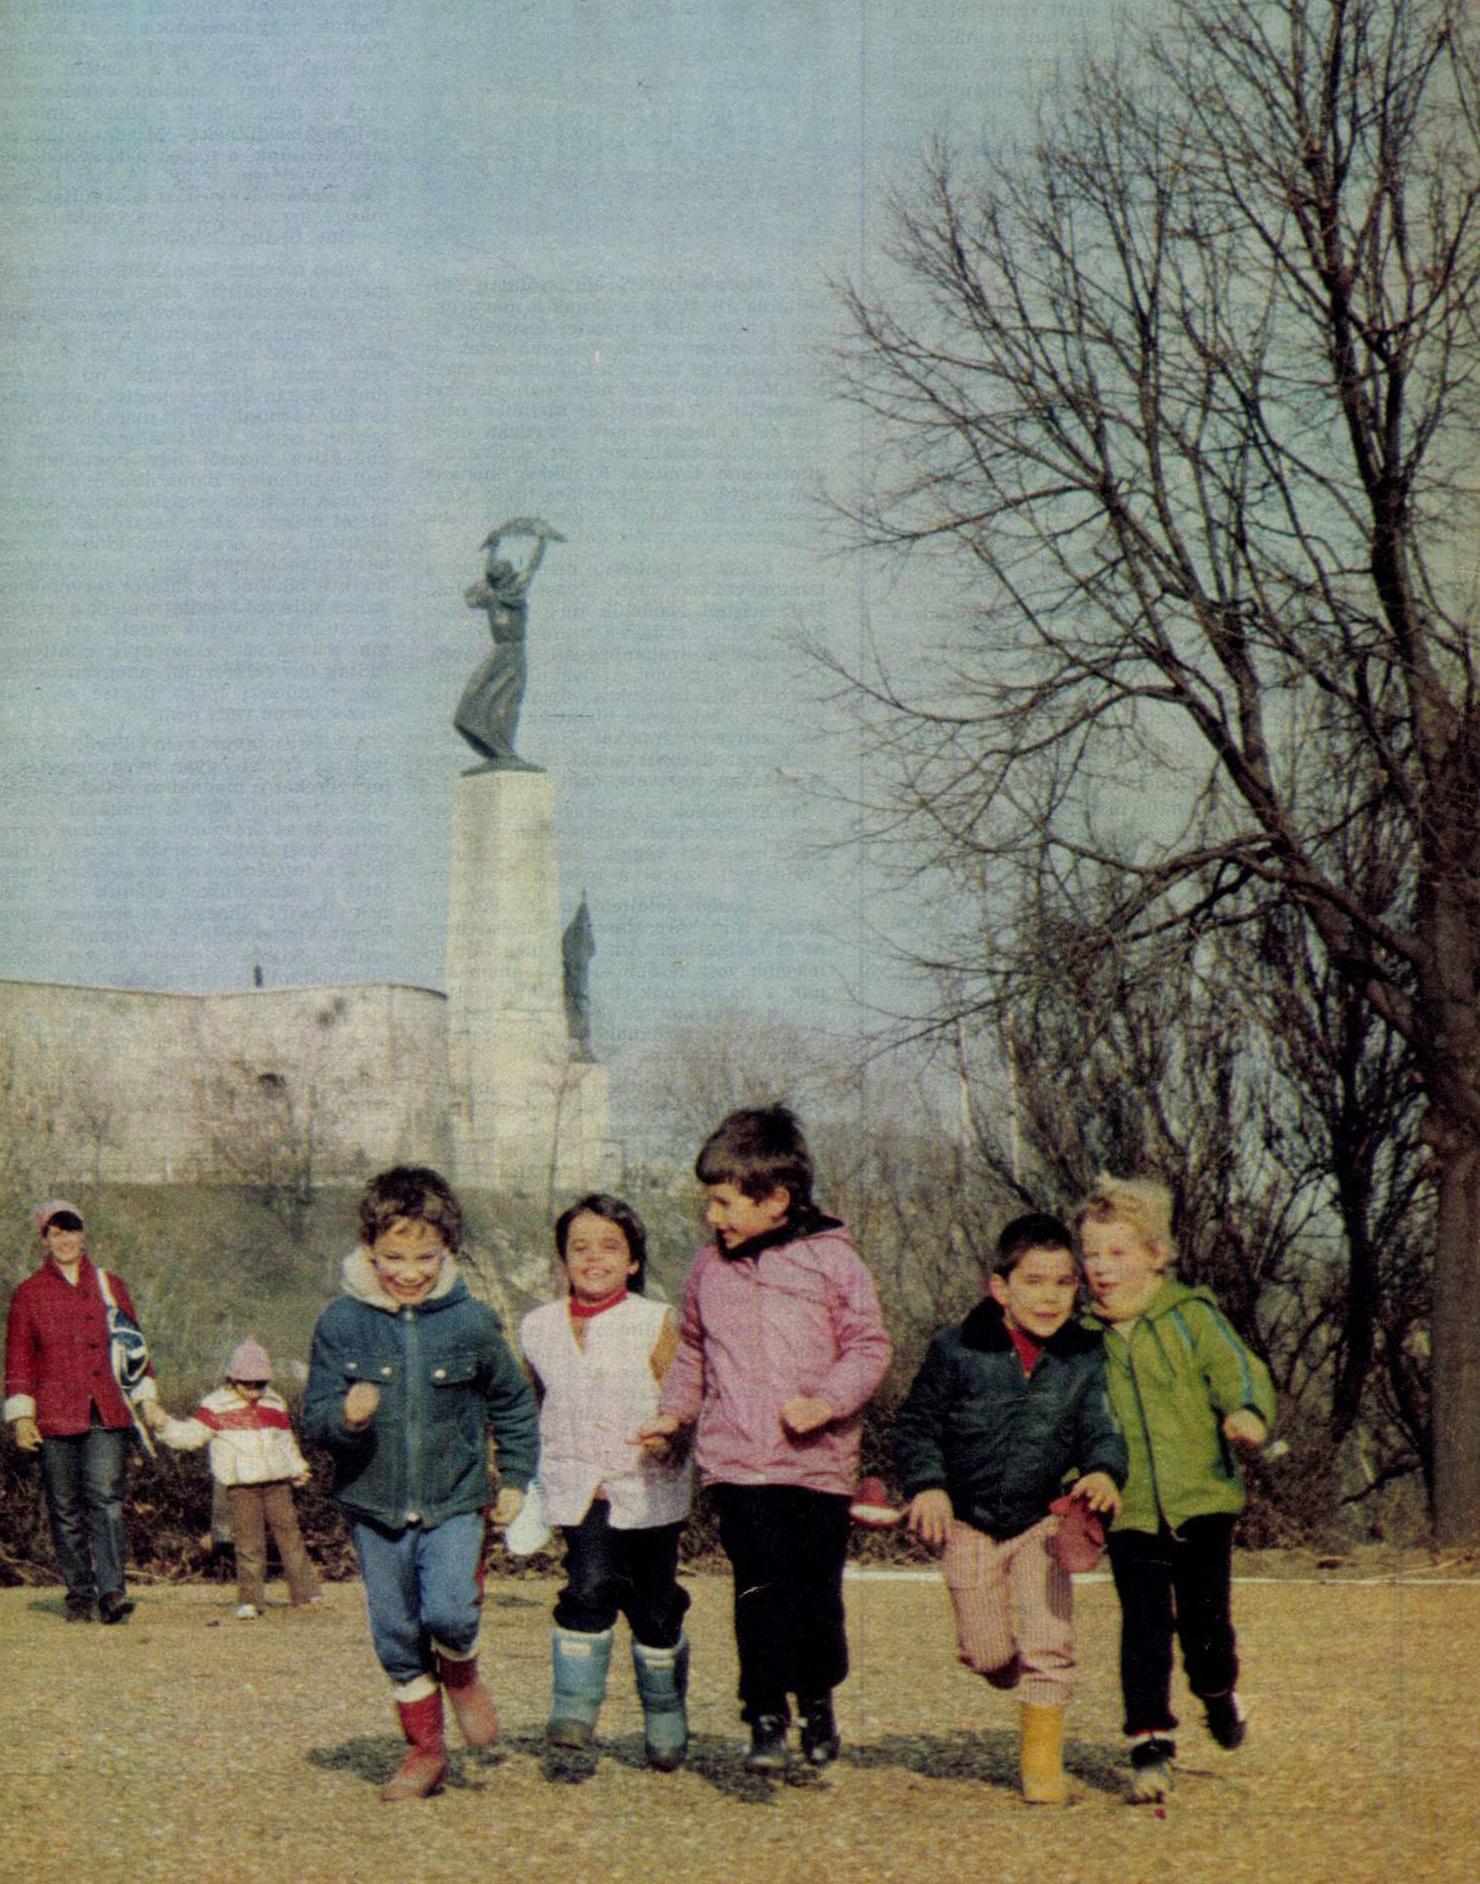 idokapszula_nb_i_1983_84_torokorszag_magyarorszag_aprilis_4_headlines.jpg